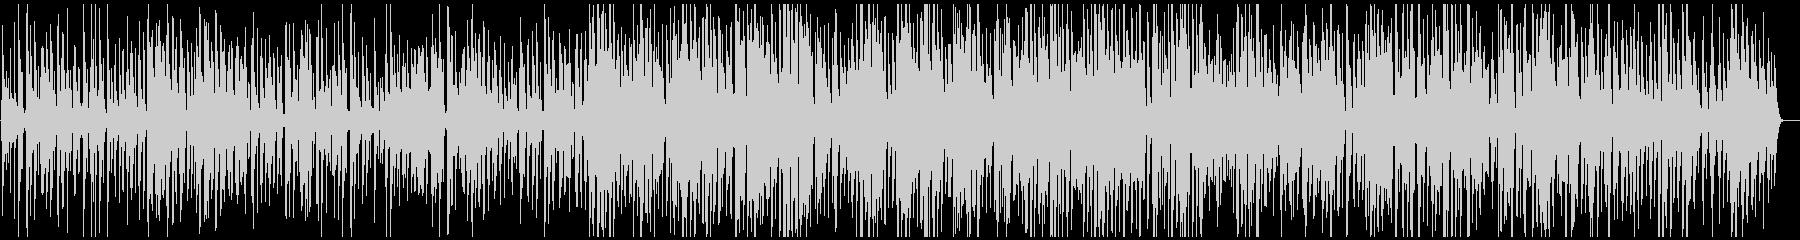 スローテンポの落ち着いたジャズ風BGMの未再生の波形